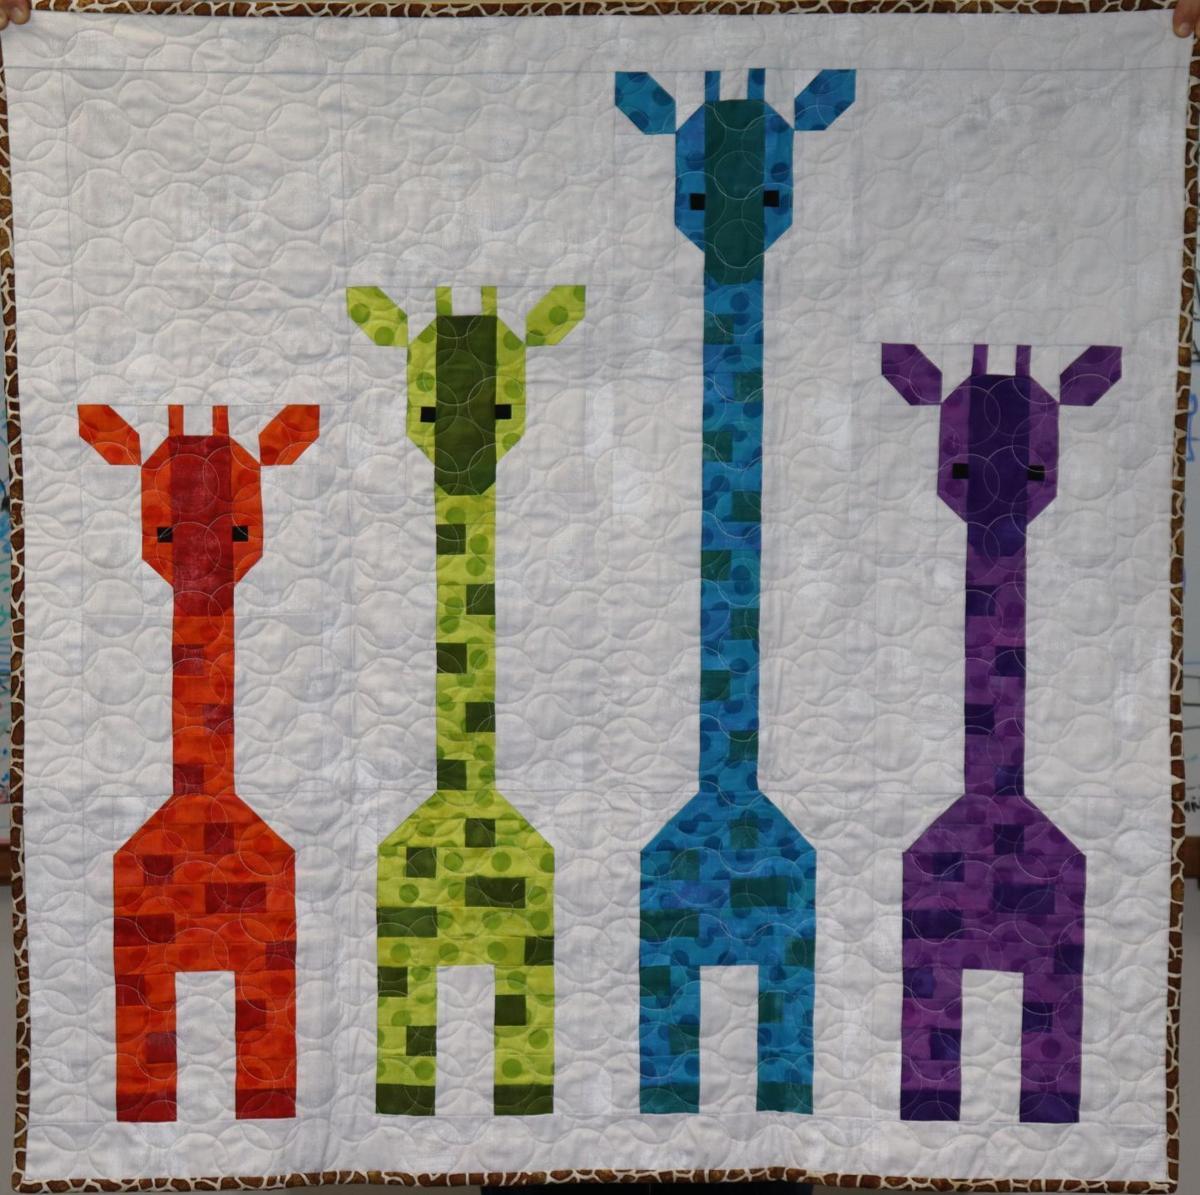 'Giraffes In a Row'